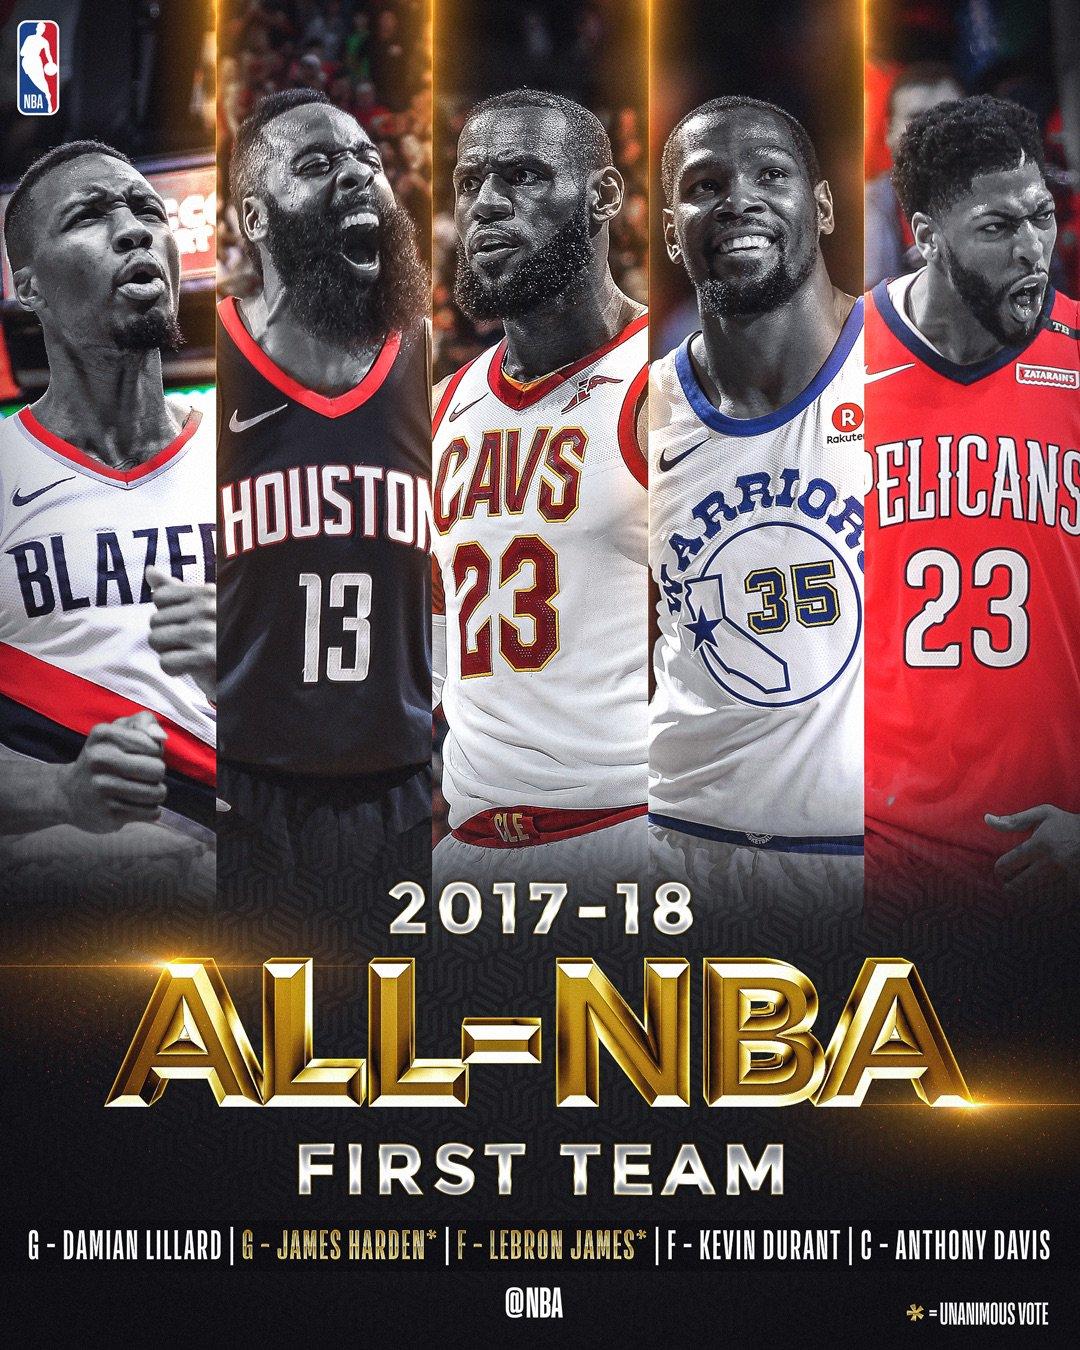 2017-18 All-NBA Team